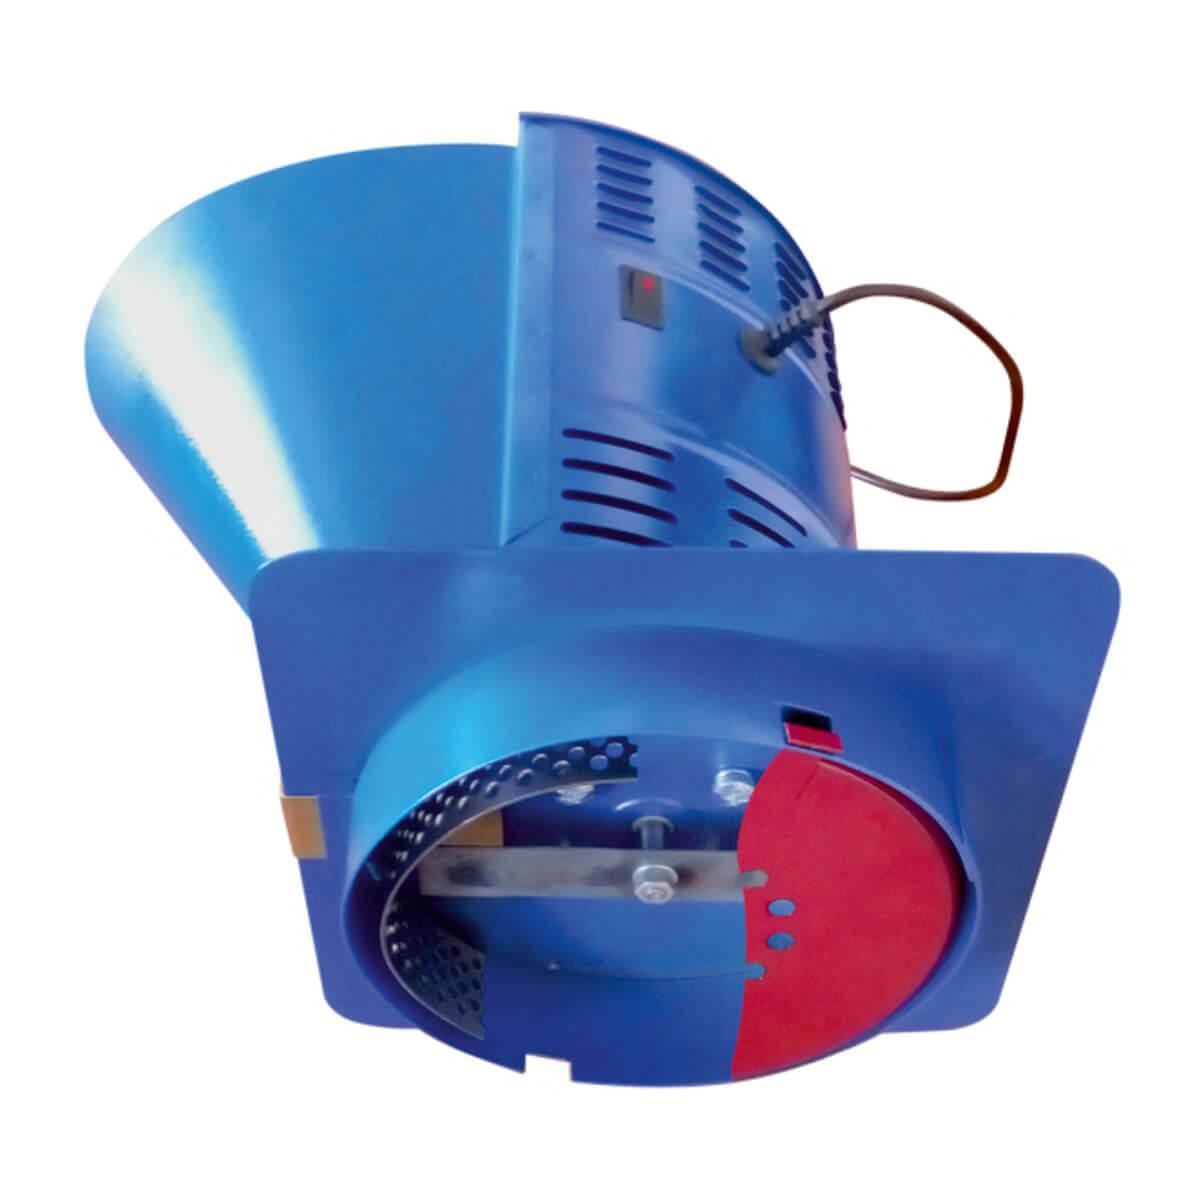 Измельчитель зерна ИЗ-05